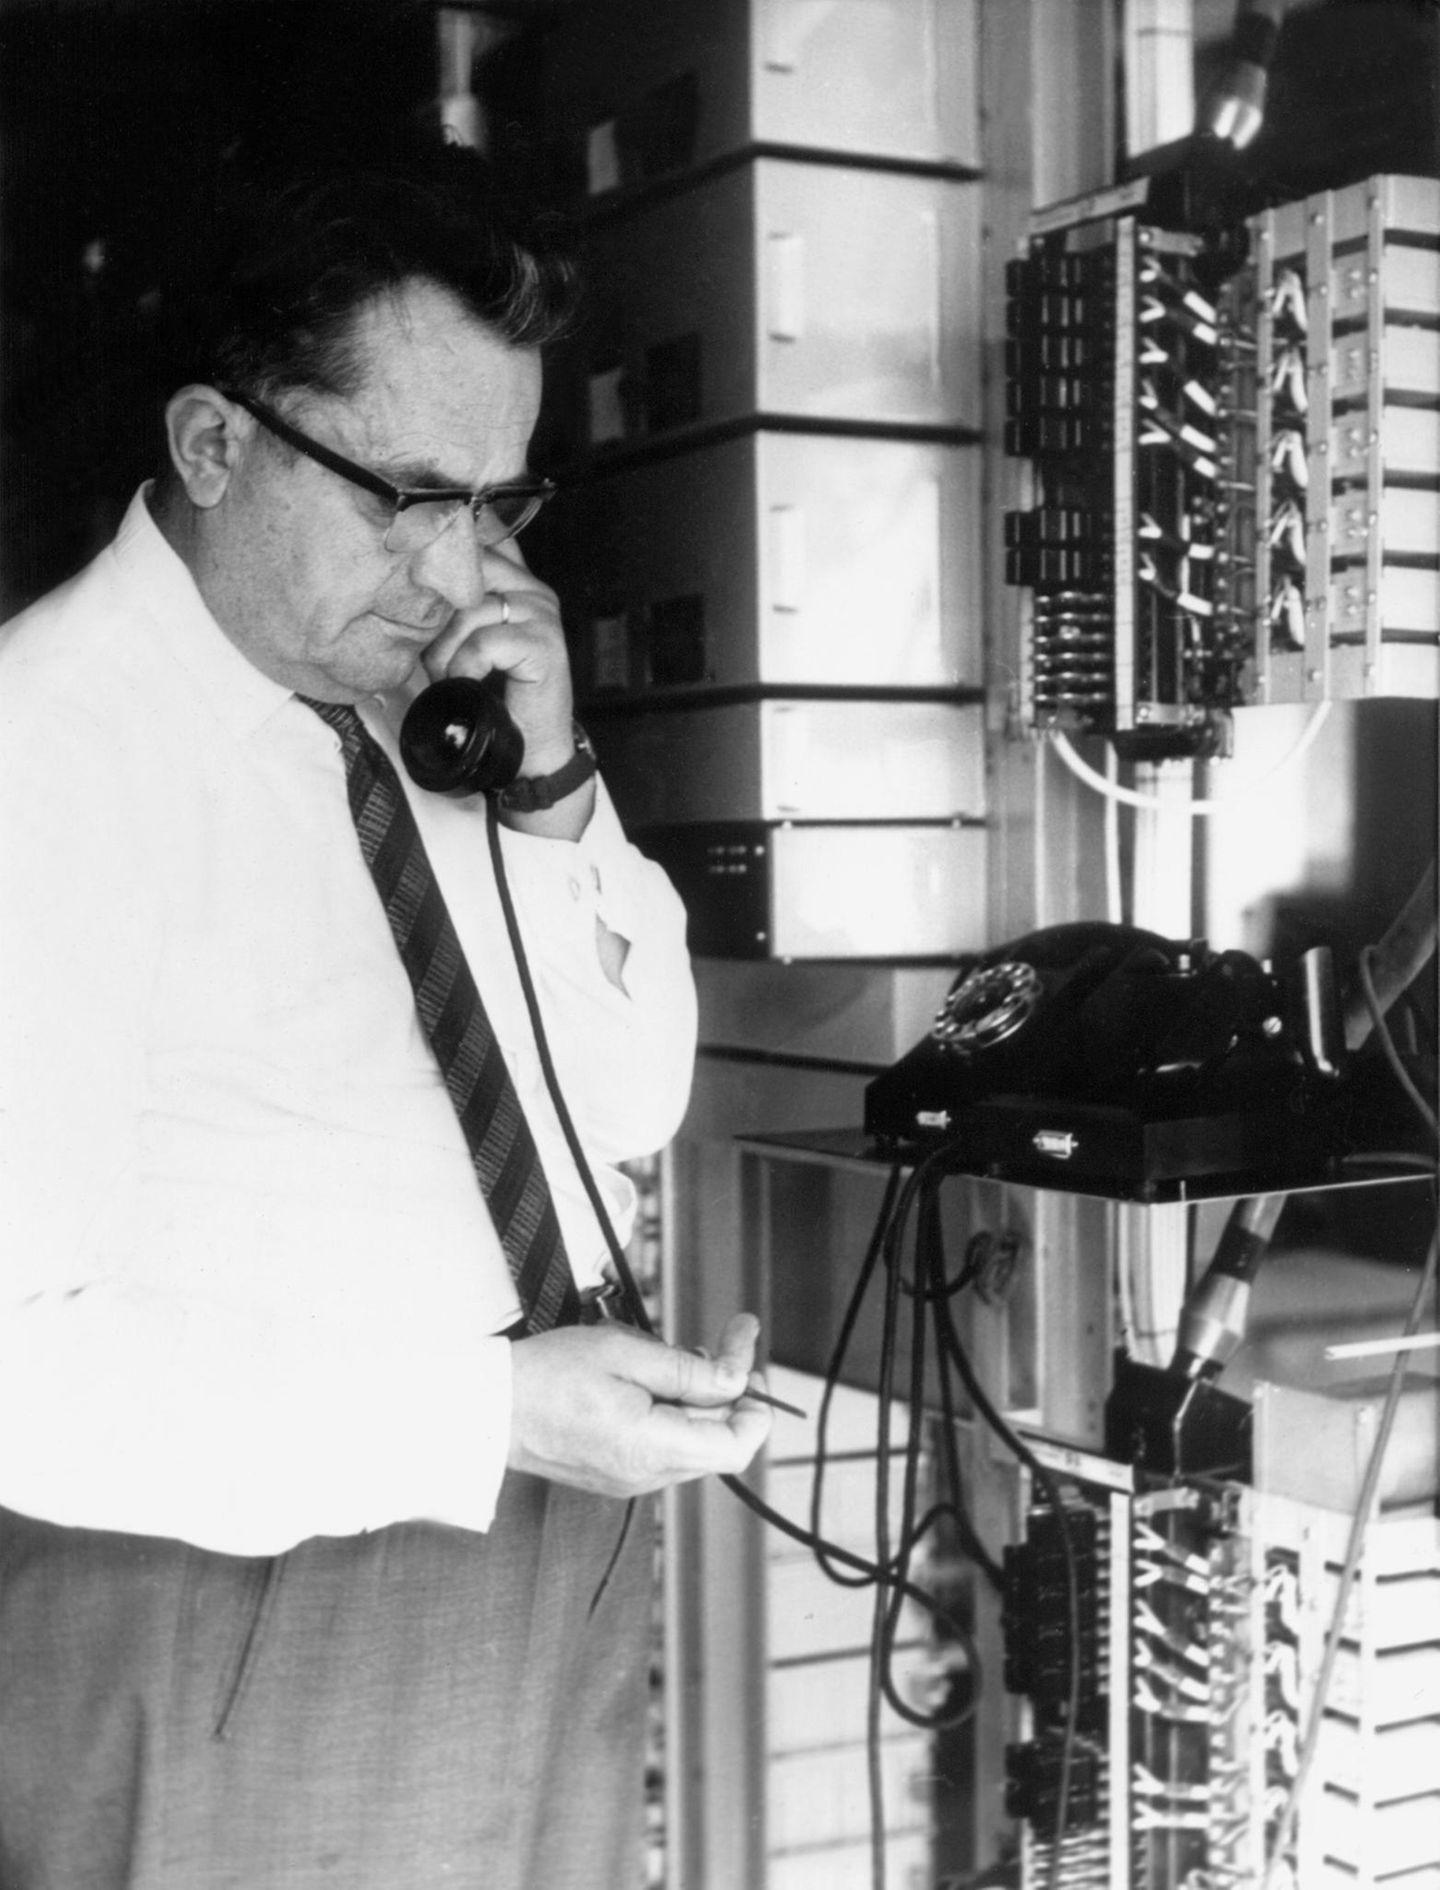 """30. August 1963:Der """"Heiße Draht"""" steht  Zwischen Moskau und Washington wird eine direkte Verbindung installiert. Das sogenannte """"Rote Telefon"""" soll im Krisenfall eine schnelle Klärung und Beseitigung von Missverständnissen zwischen der amerikanischen und der sowjetischen Führung ermöglichen. Die Kubakrise lieferte den Anlass.  Im Oktober 1962 wollte die Sowjetunionauf Kuba Atomraketen installieren. Der Kalte Krieg drohte zu eskalieren. Erst kurz vor der drohenden Eskalation fanden die beiden Supermächte Mittel, die Krise zu beenden. Was offenbar fehlte,warein Instrument, unkompliziert und rasch miteinander zu kommunizieren.  Das """"Rote Telefon"""" sollte die Lösung sein. Es war allerdingstrotz der Bezeichnung weder ein Telefon, noch rot, sondern eine Fernschreiberverbindung - die beiden Regierungen konnten sich ausschließlich schriftlich miteinander austauschen. Die Verbindung verliefüber London, Kopenhagen, Stockholm, Helsinki. Die Aufnahme zeigt, wie ein finnischer Techniker die Leitung in Helsinki überprüft, bevor sie in Verbindung genommen wird."""